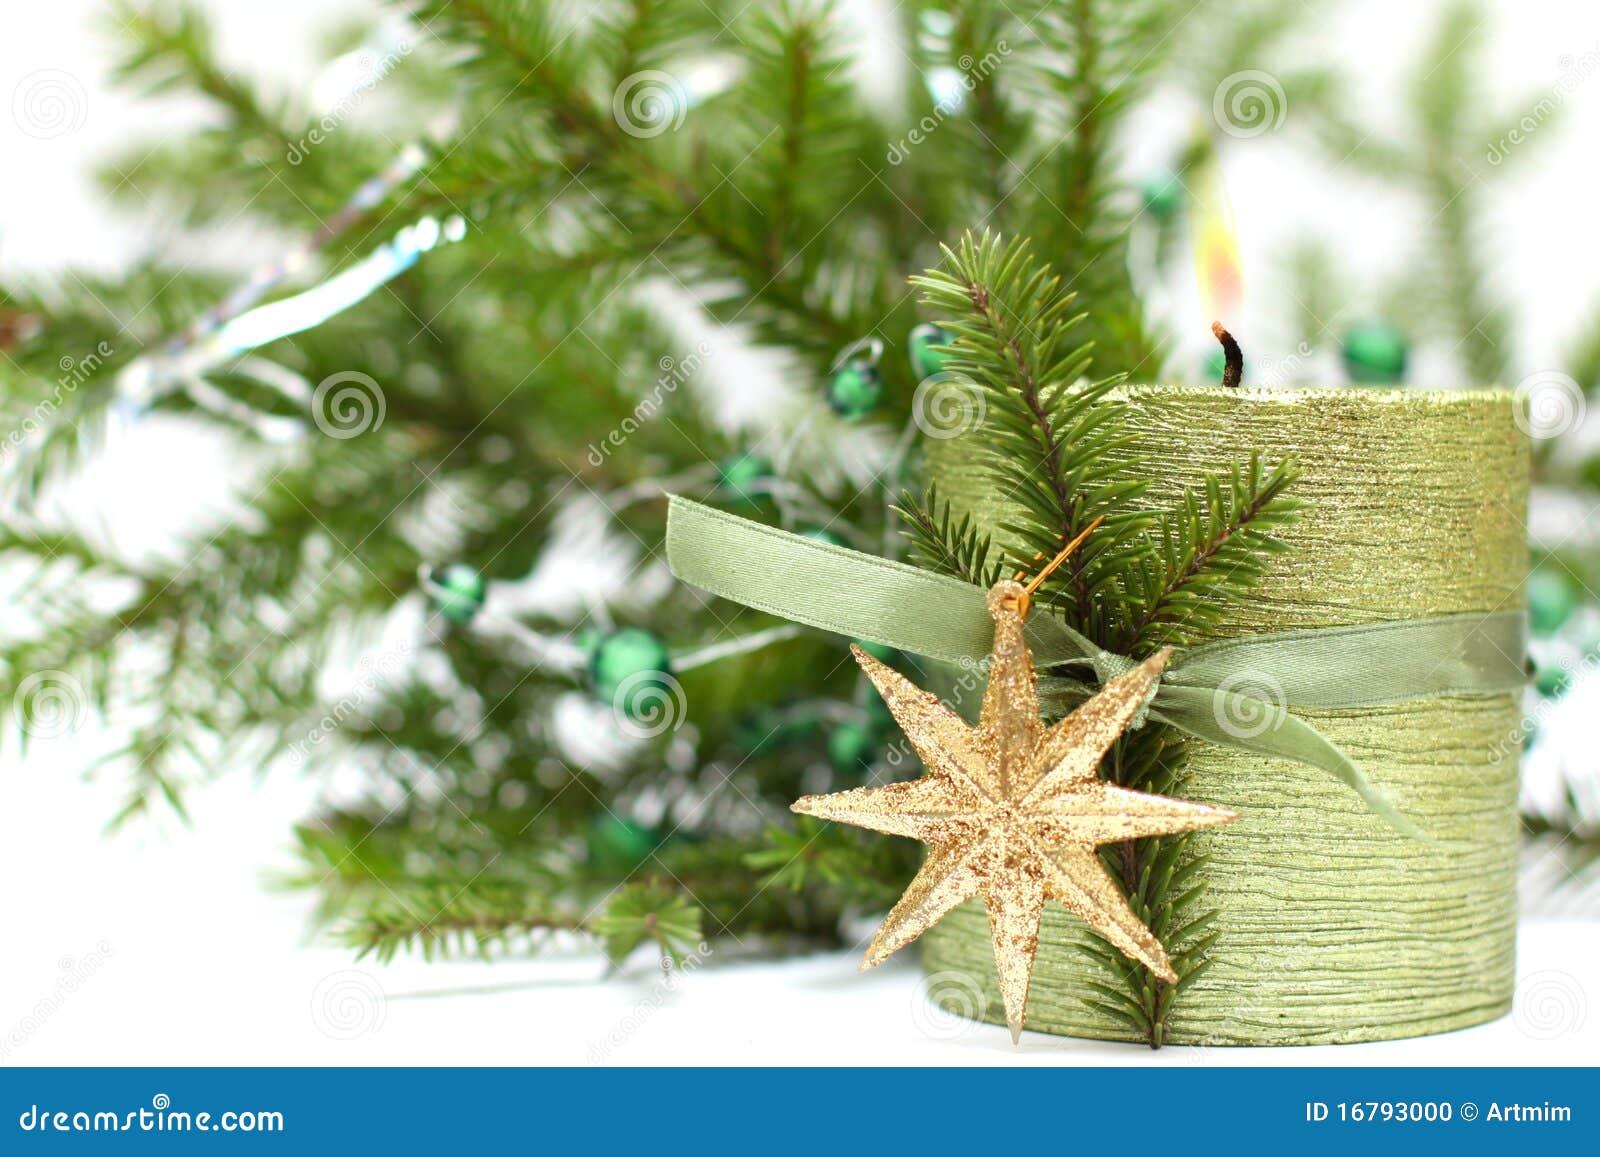 #4A631C Bougie De Noël Décoration Et Arbre De Sapin Vert Photo  6115 decoration de noel verte 1300x957 px @ aertt.com